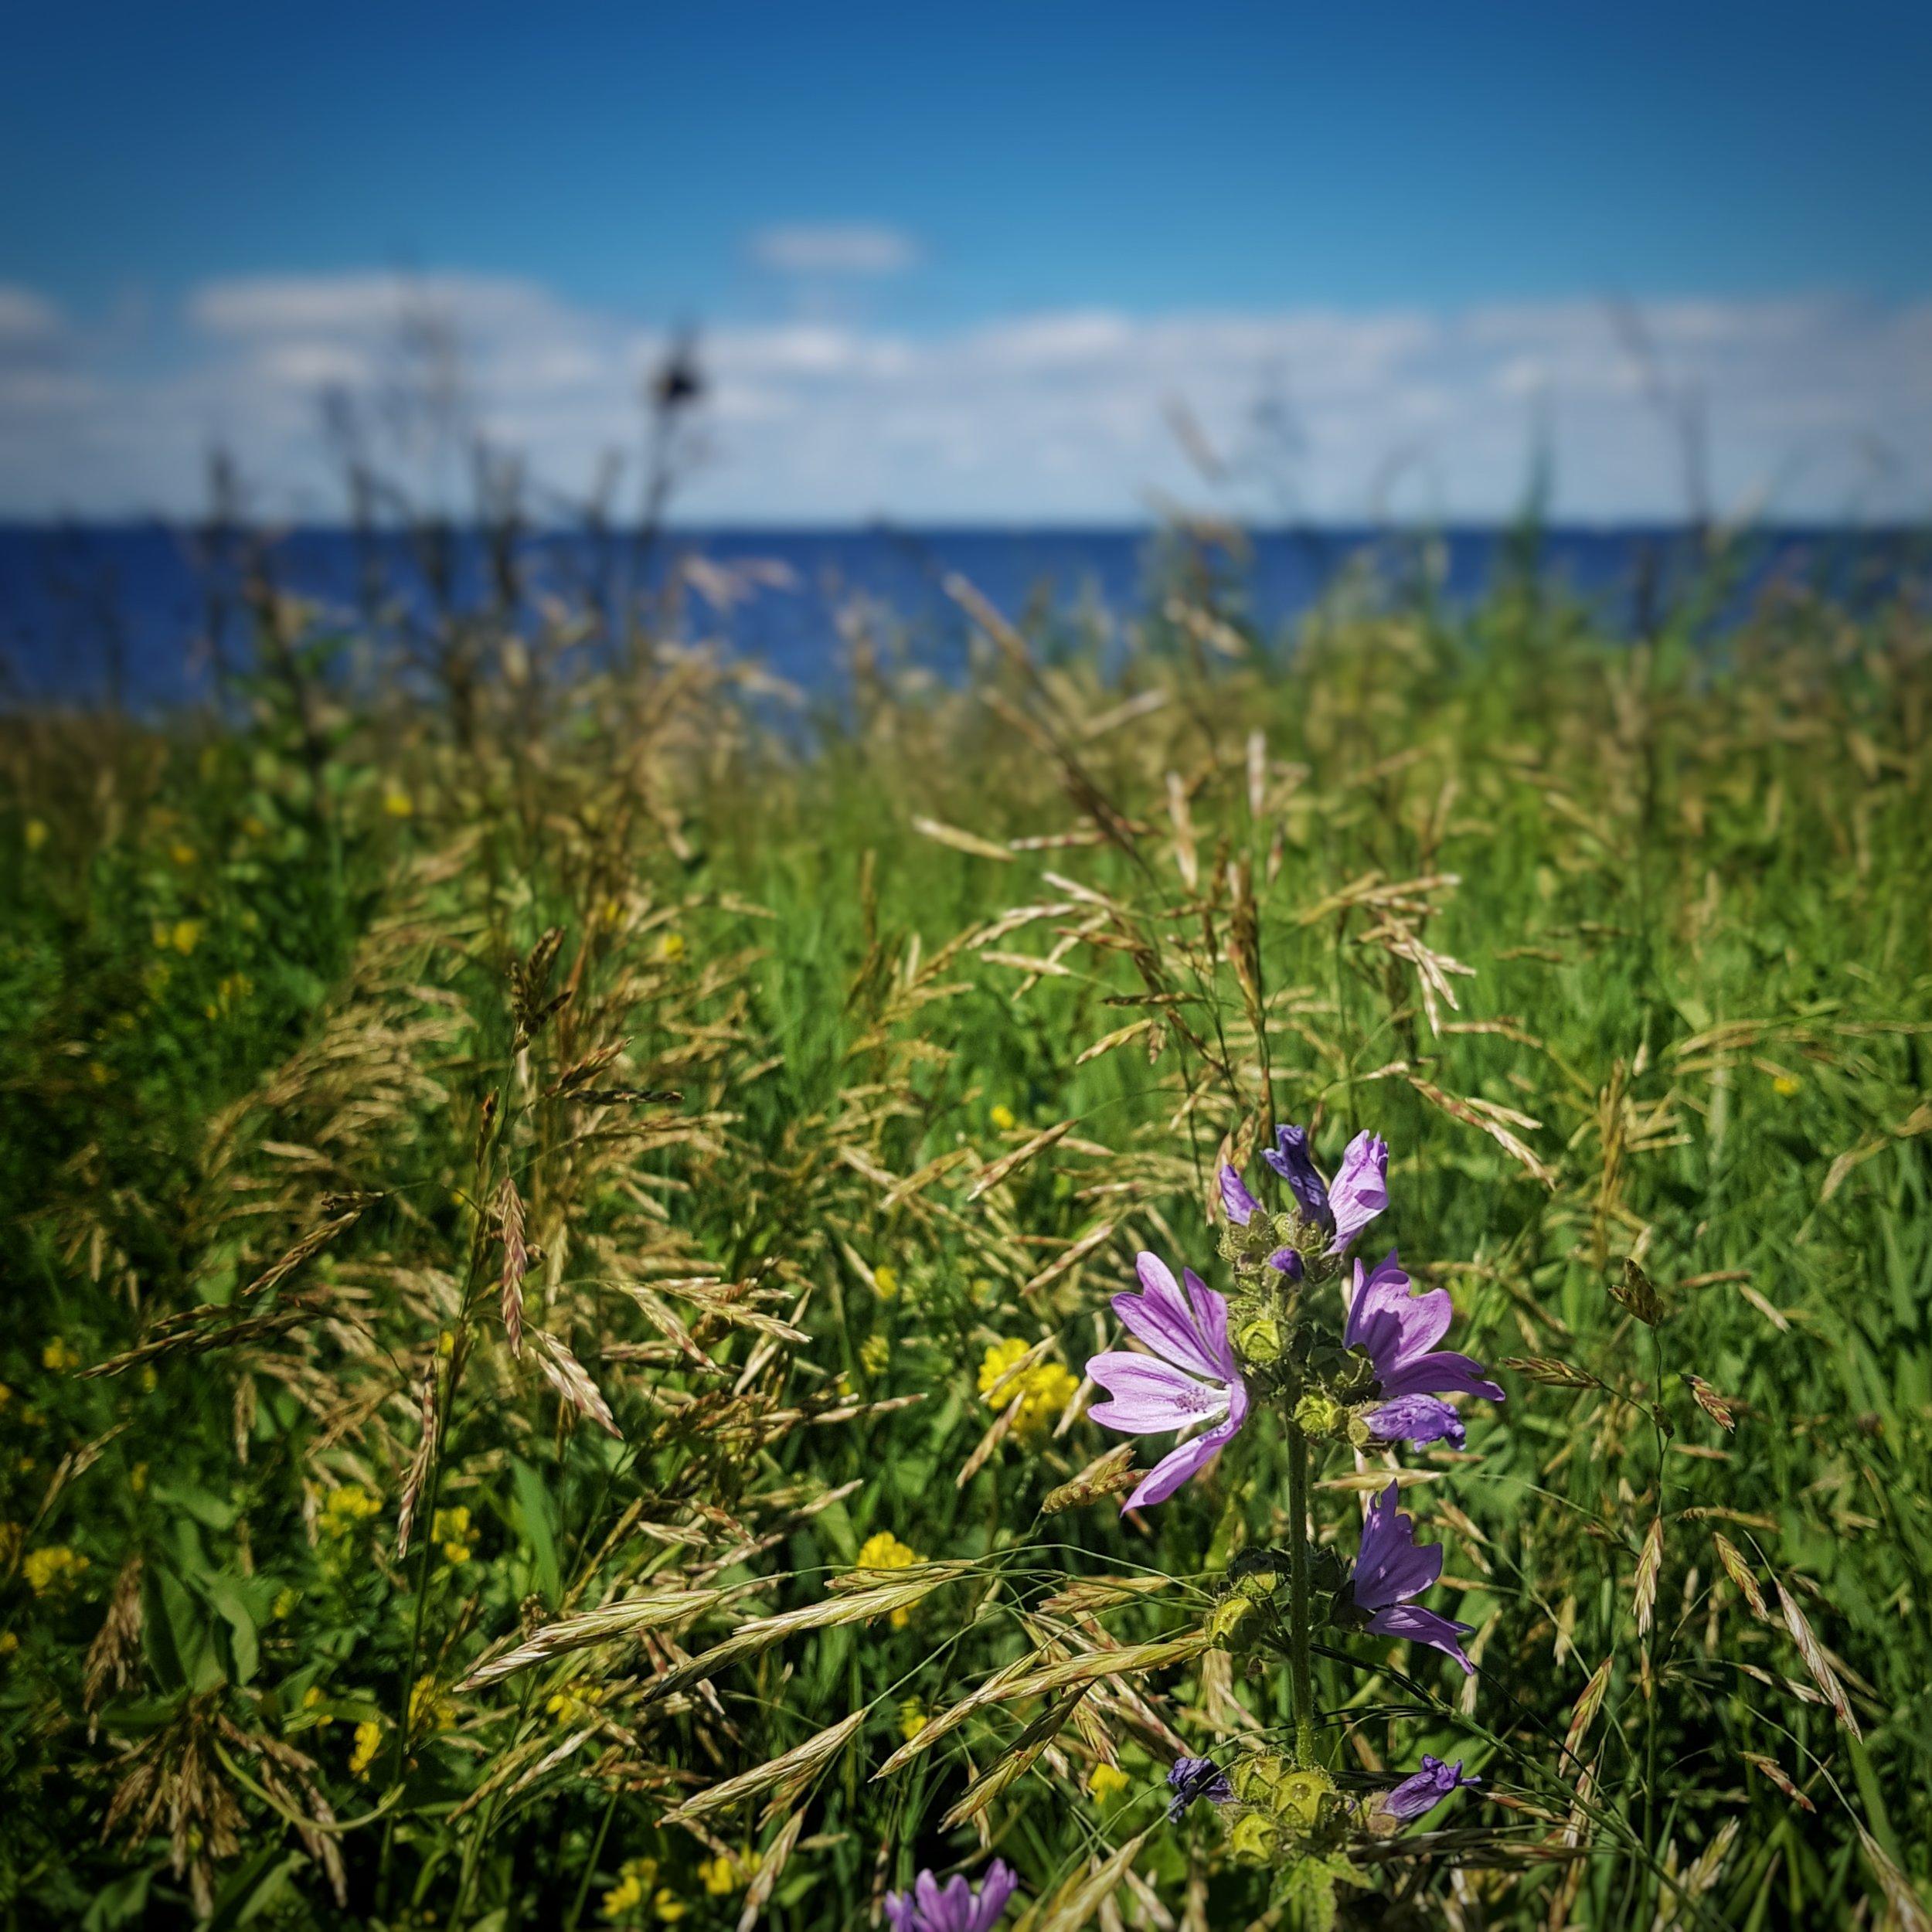 Day 173 - June 22: Purple Flower